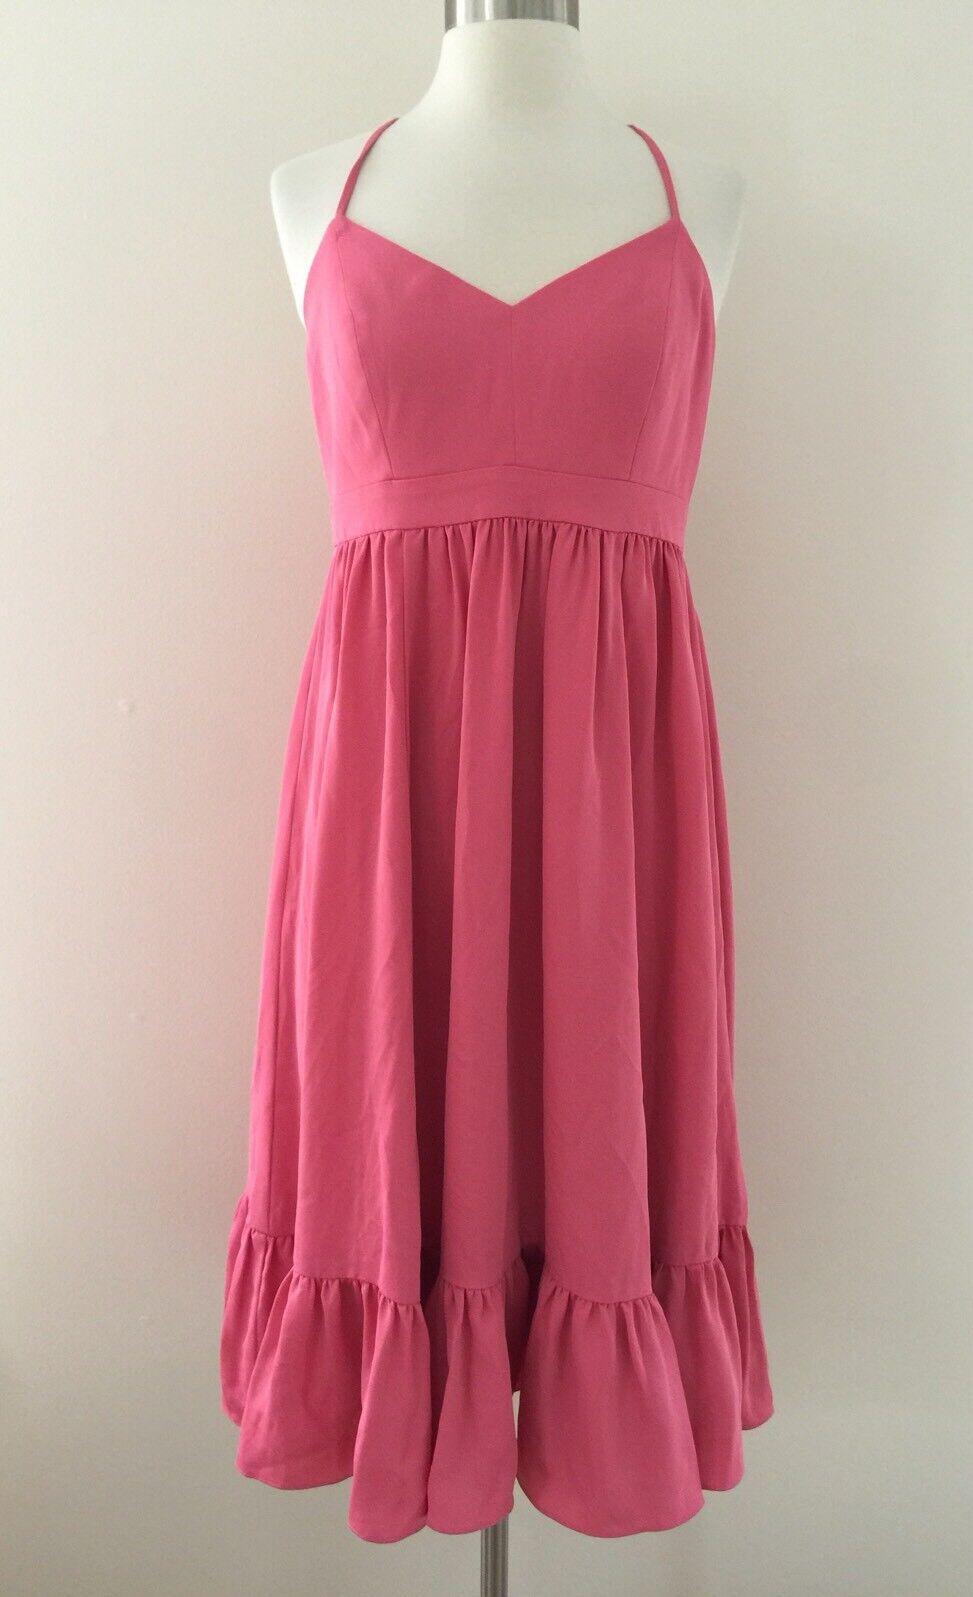 New J Crew Drapery Spaghetti-strap Dress Sz 8 Bright Rosa G2885 Fall '17